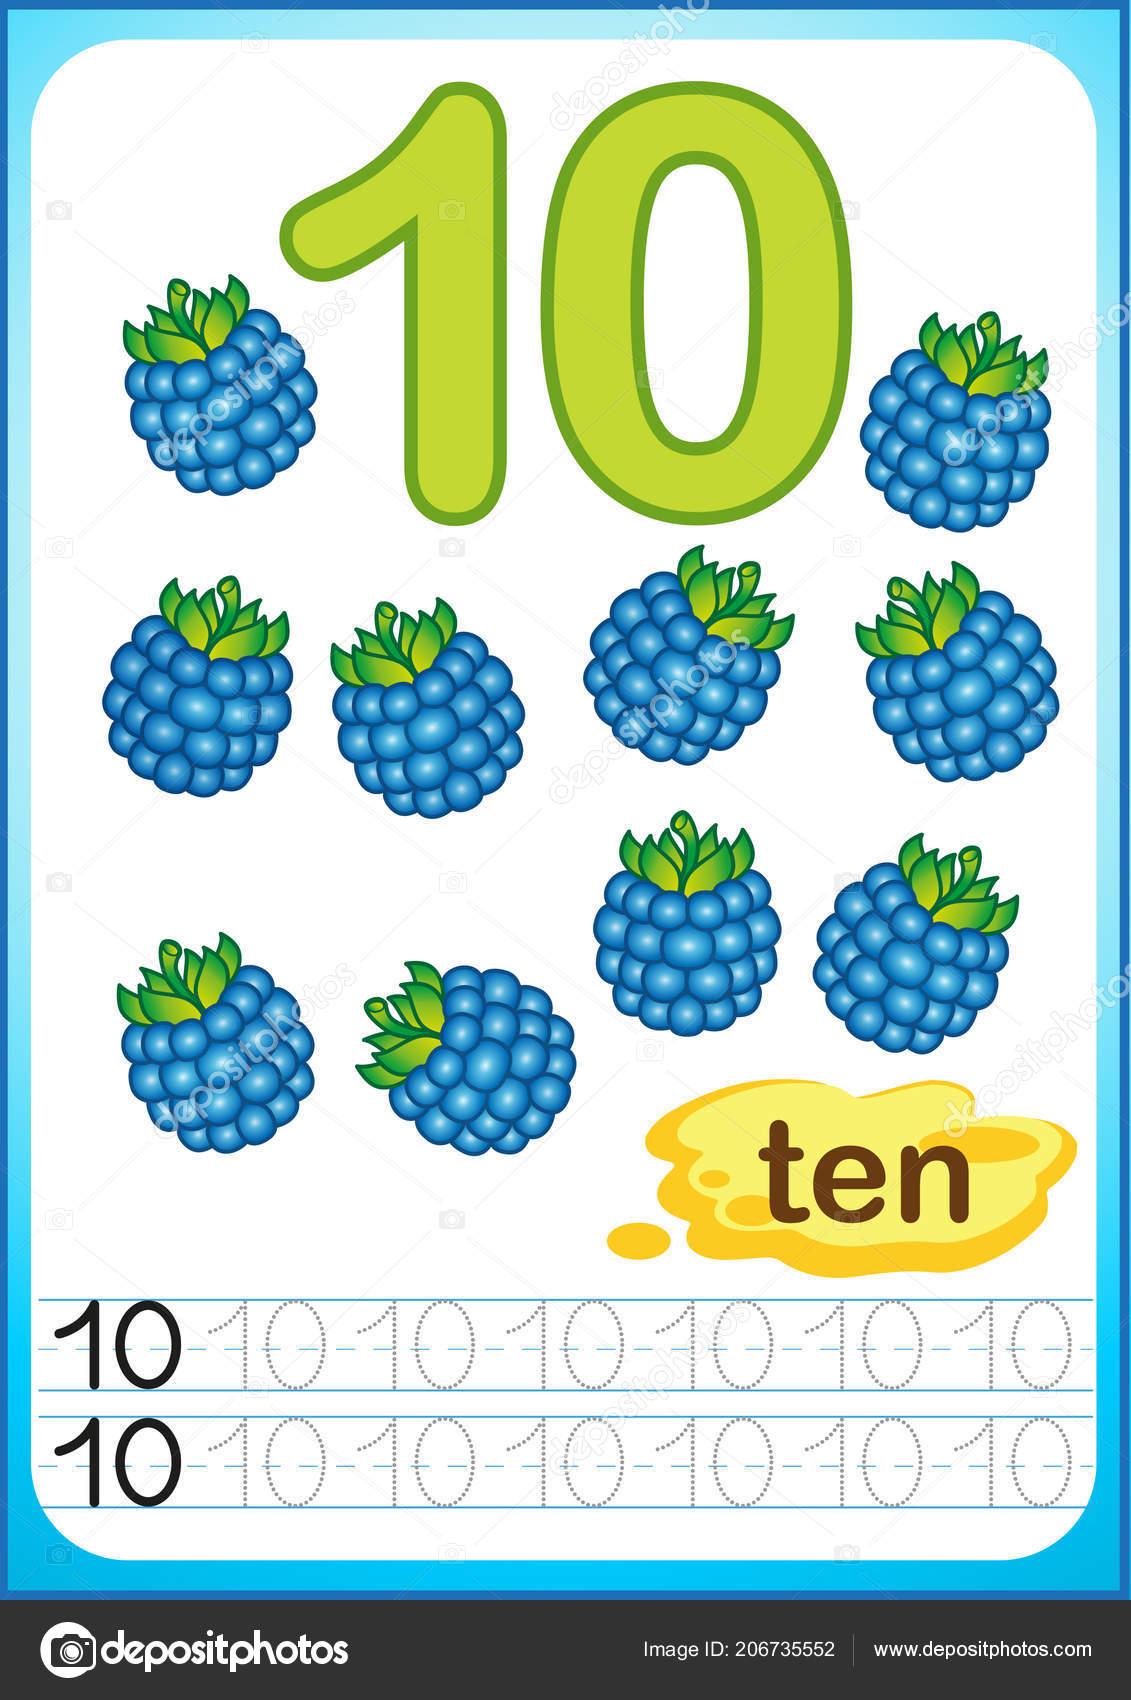 Printable Worksheet Kindergarten Preschool Harvest Ripe Berries ...